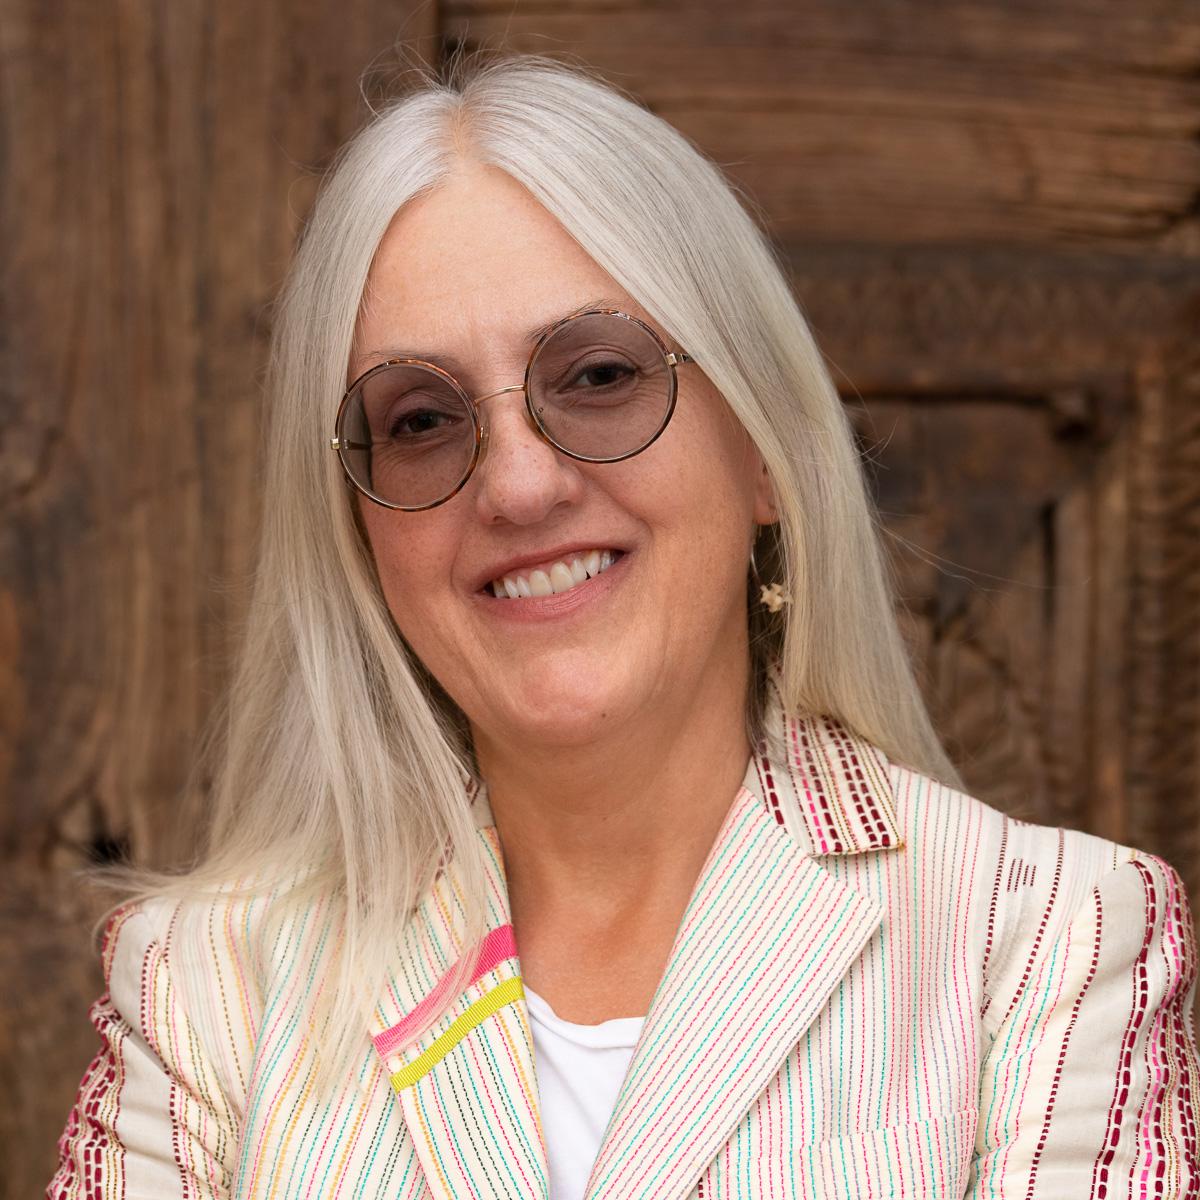 Melinda Sue Robbins